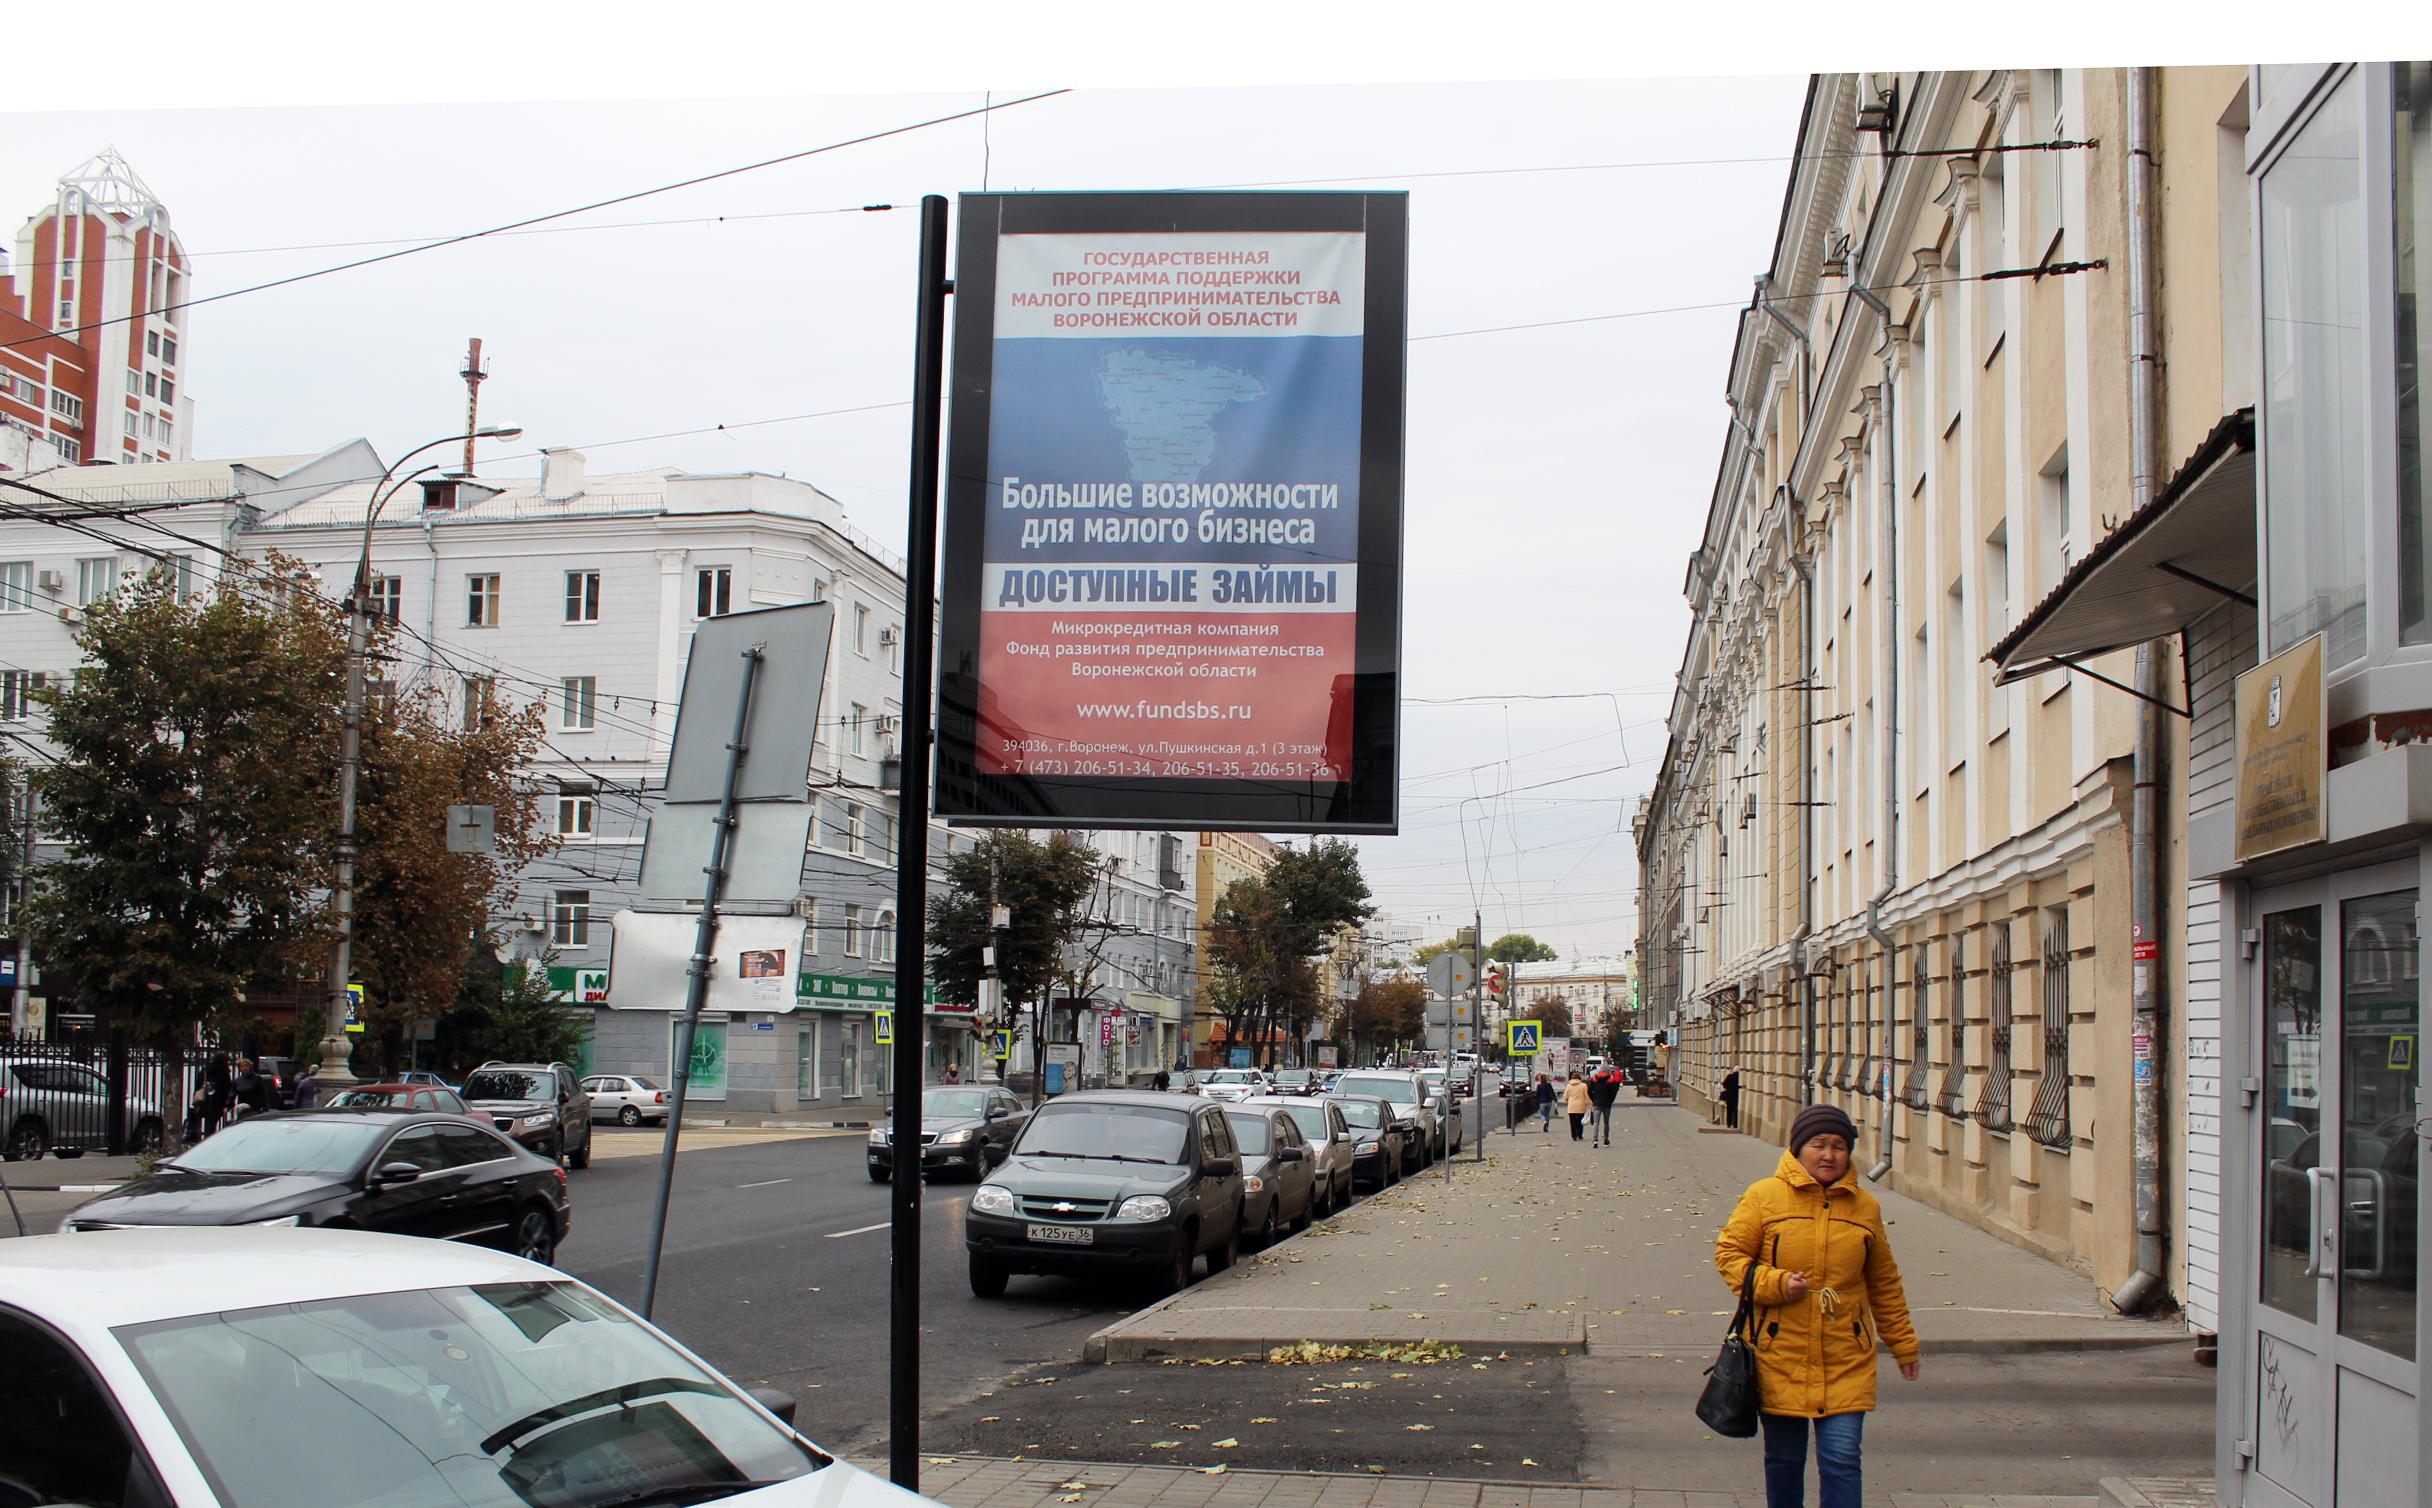 204В Ул. Пушкинская, д.3 ХОРЕКА